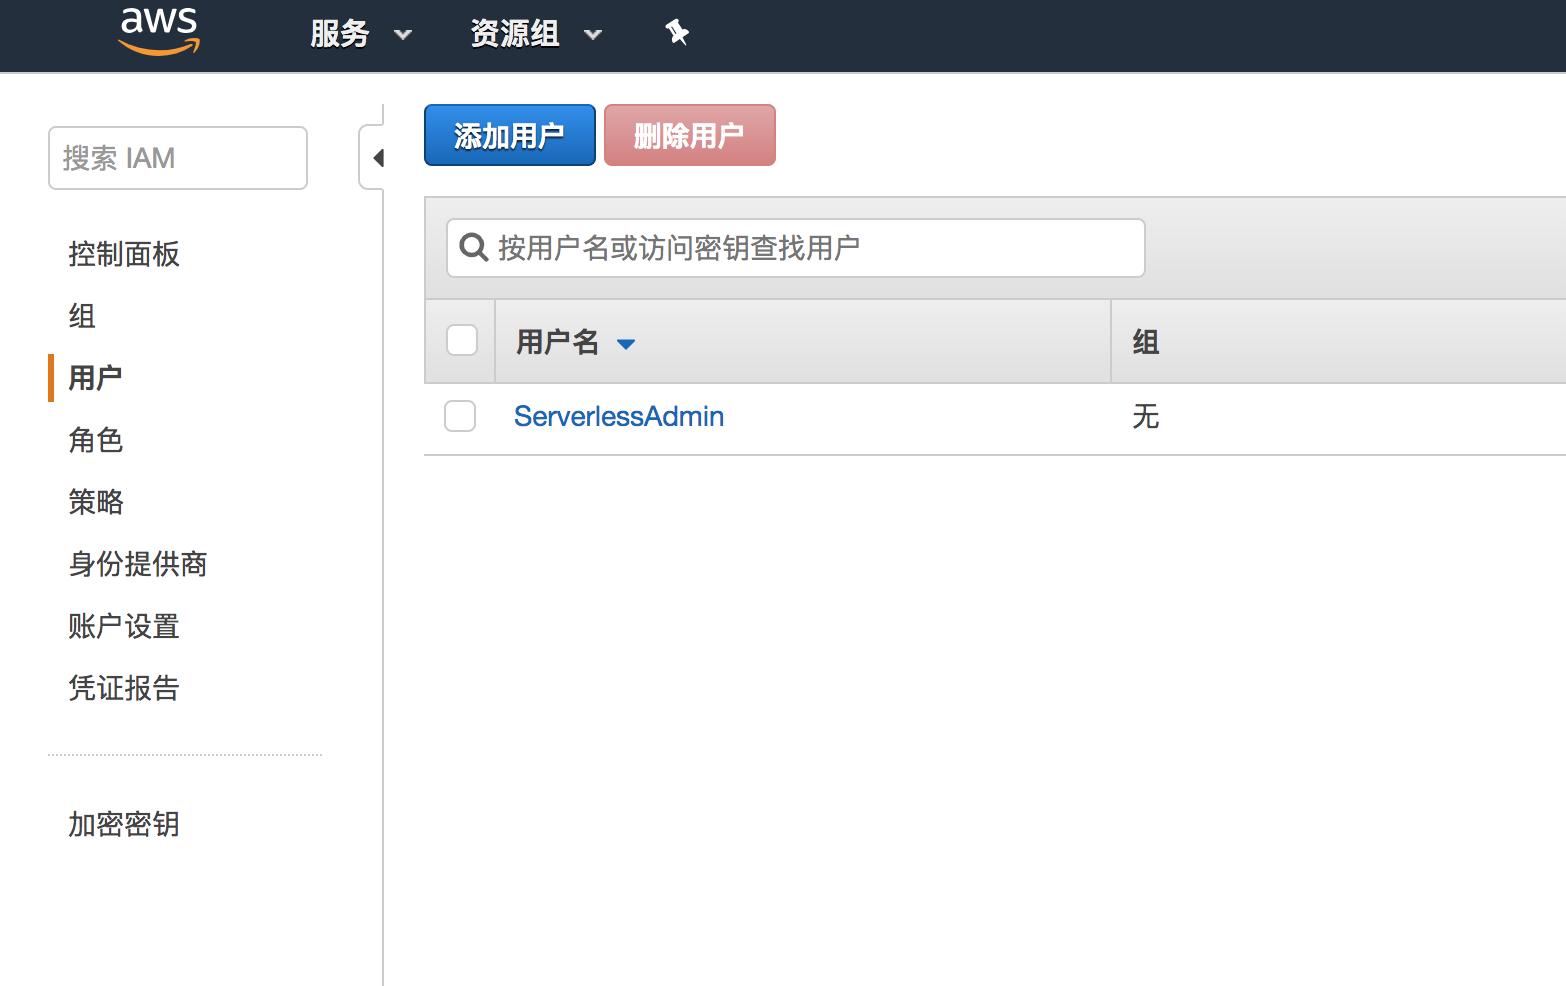 AWS Lambda 部署SpringBoot 应用- 豌豆ip代理